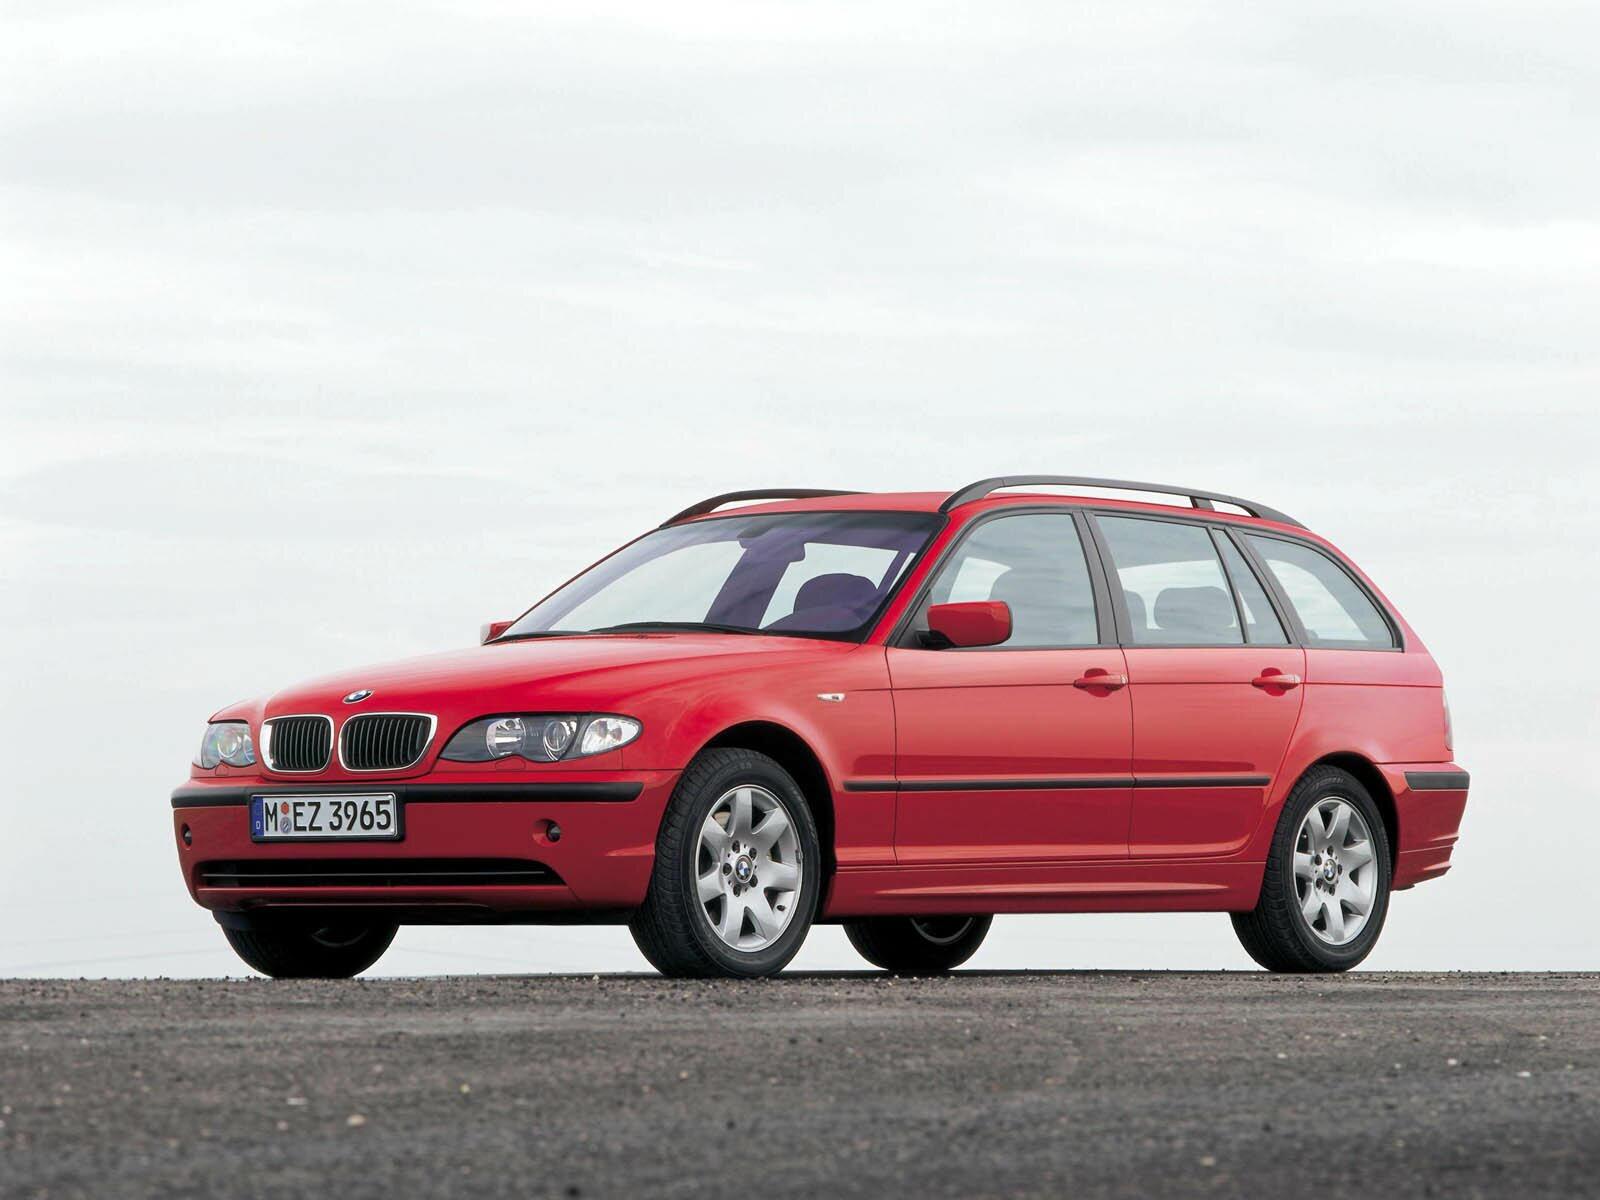 BMW 3er auto technische daten Auto spezifikationen